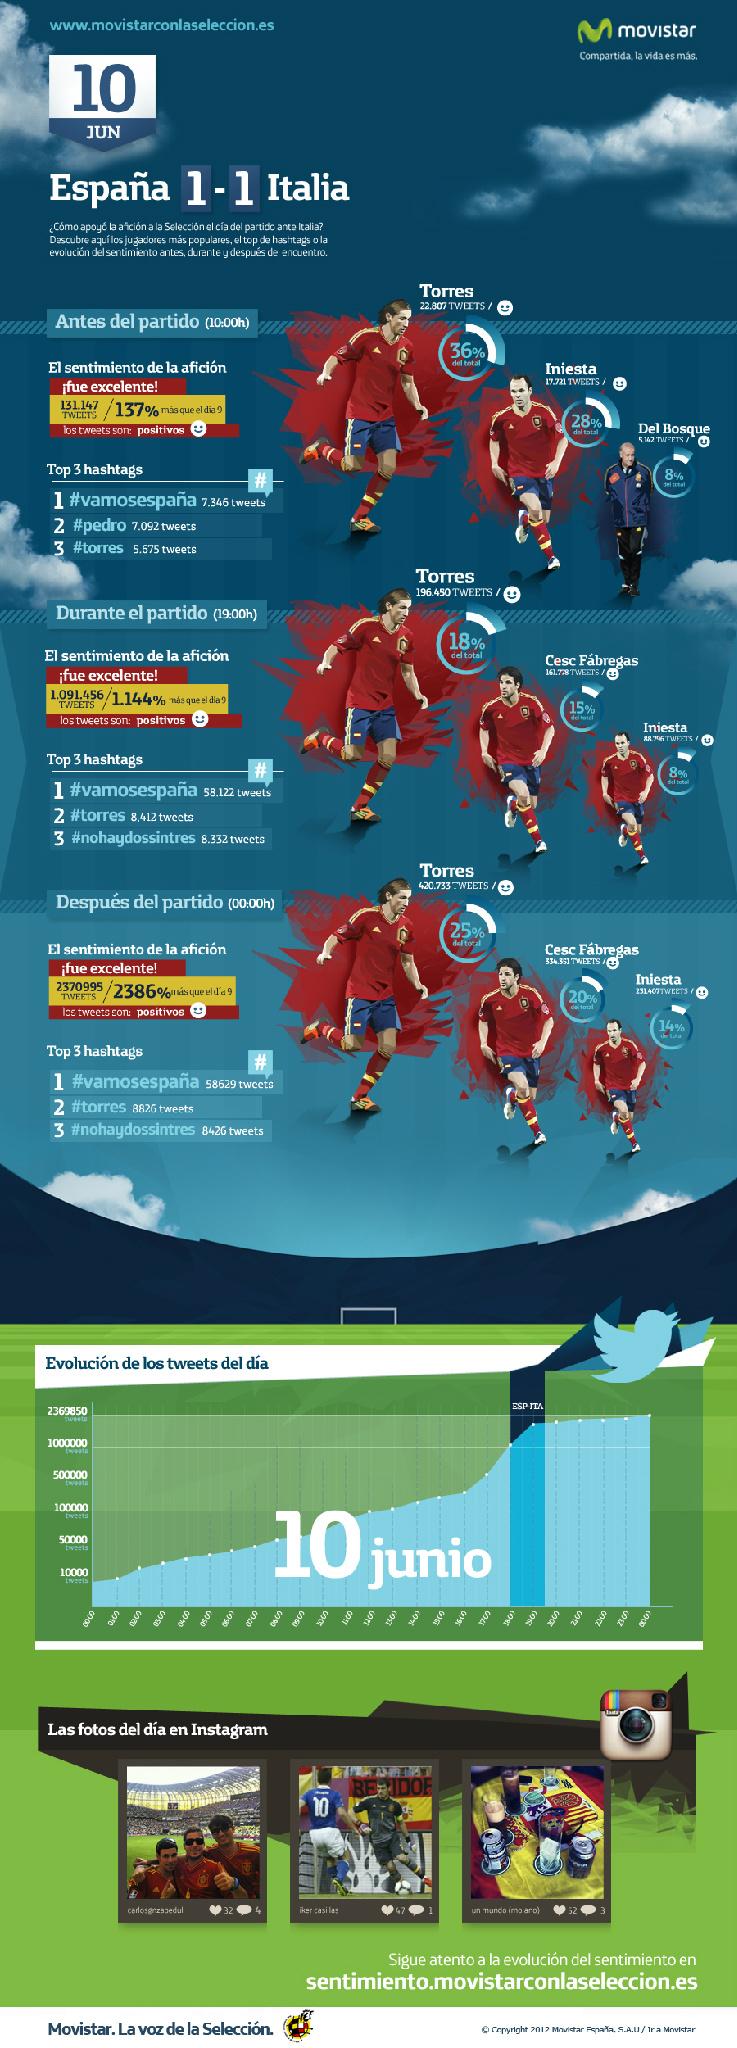 Eurocopa 2012: España - Italia en Twitter